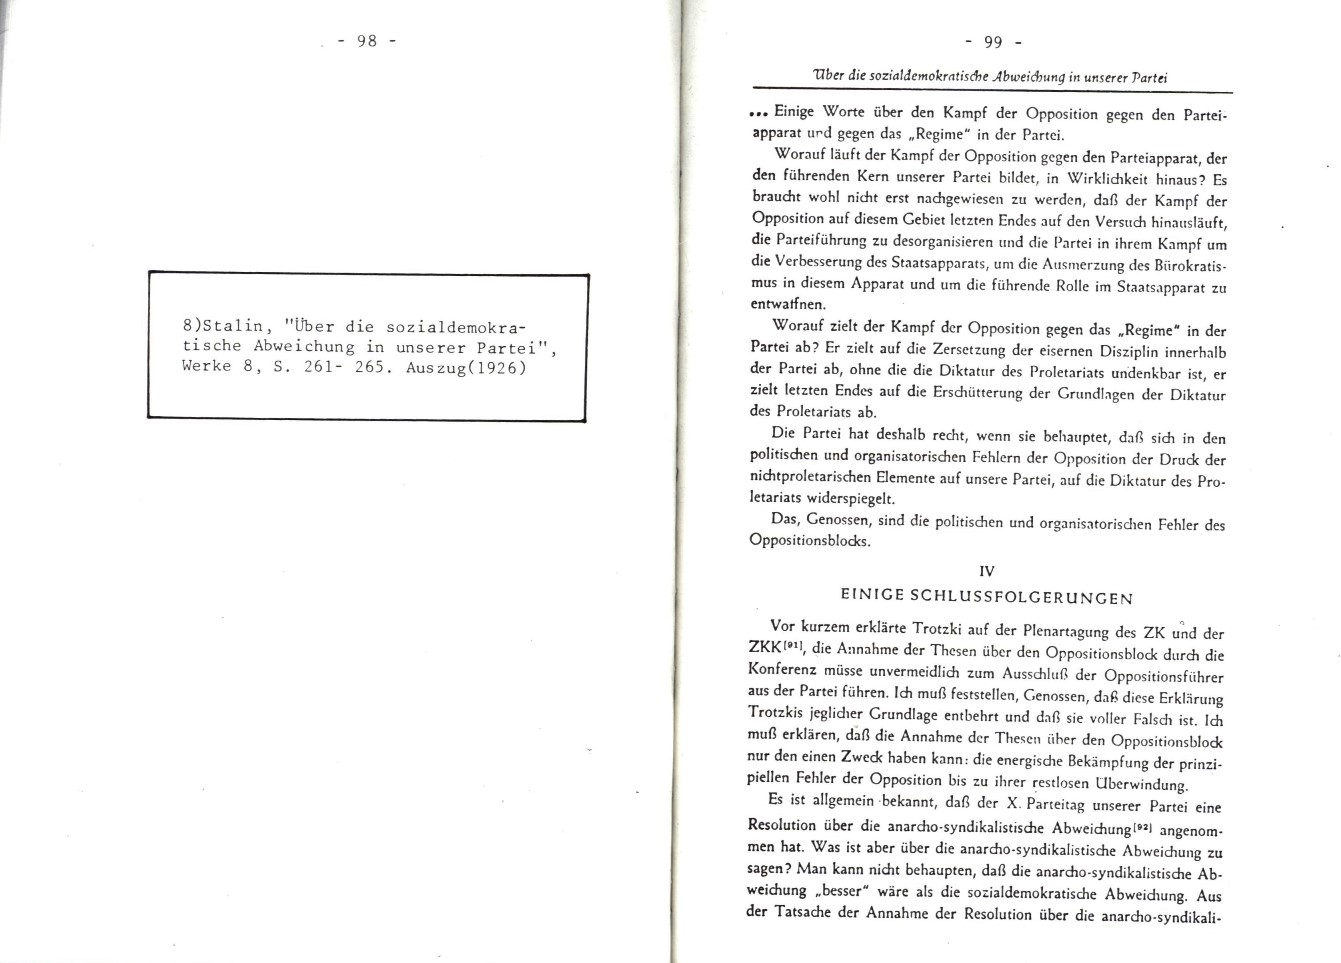 MLSK_Theorie_und_Praxis_des_ML_1979_25_50